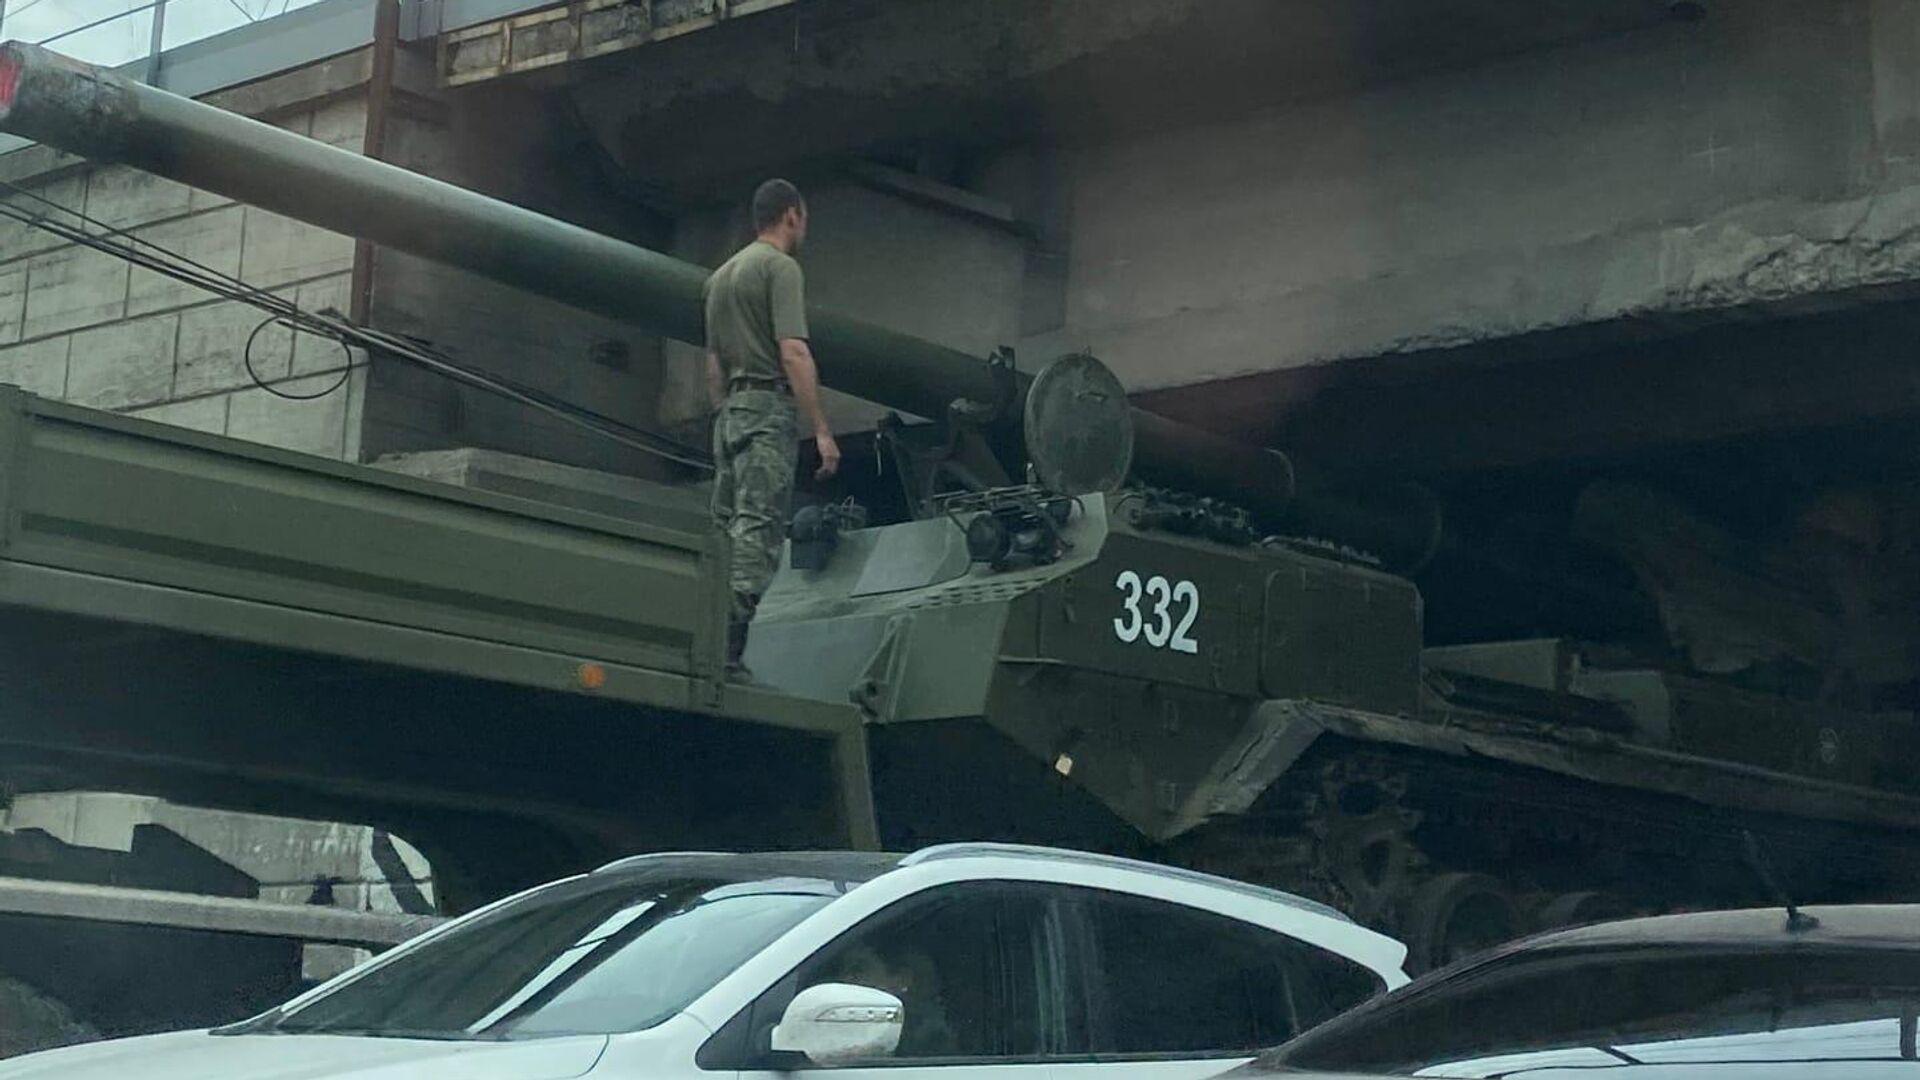 Застрявшая во время транспортировке в Новосибирске самоходная пушка 2С7М Малка - РИА Новости, 1920, 02.08.2021